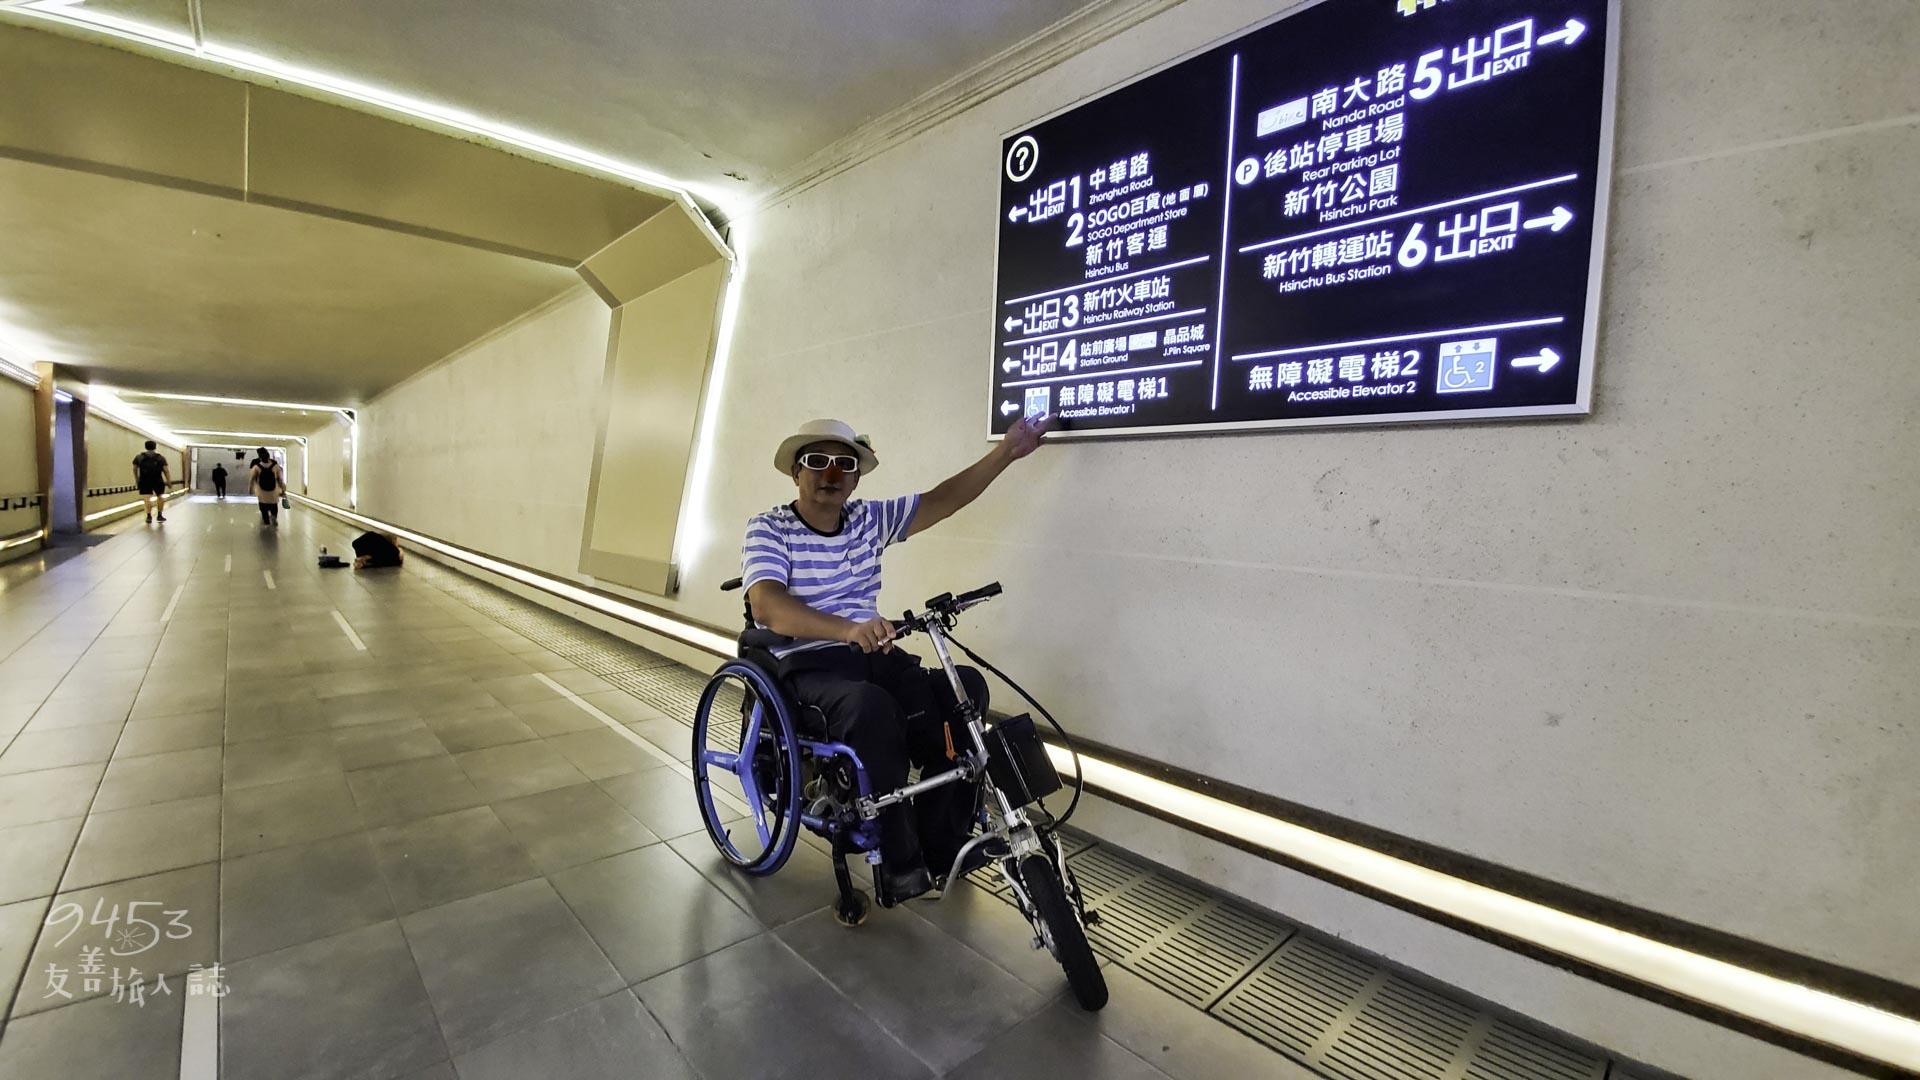 地下道(火車站通往轉運站)